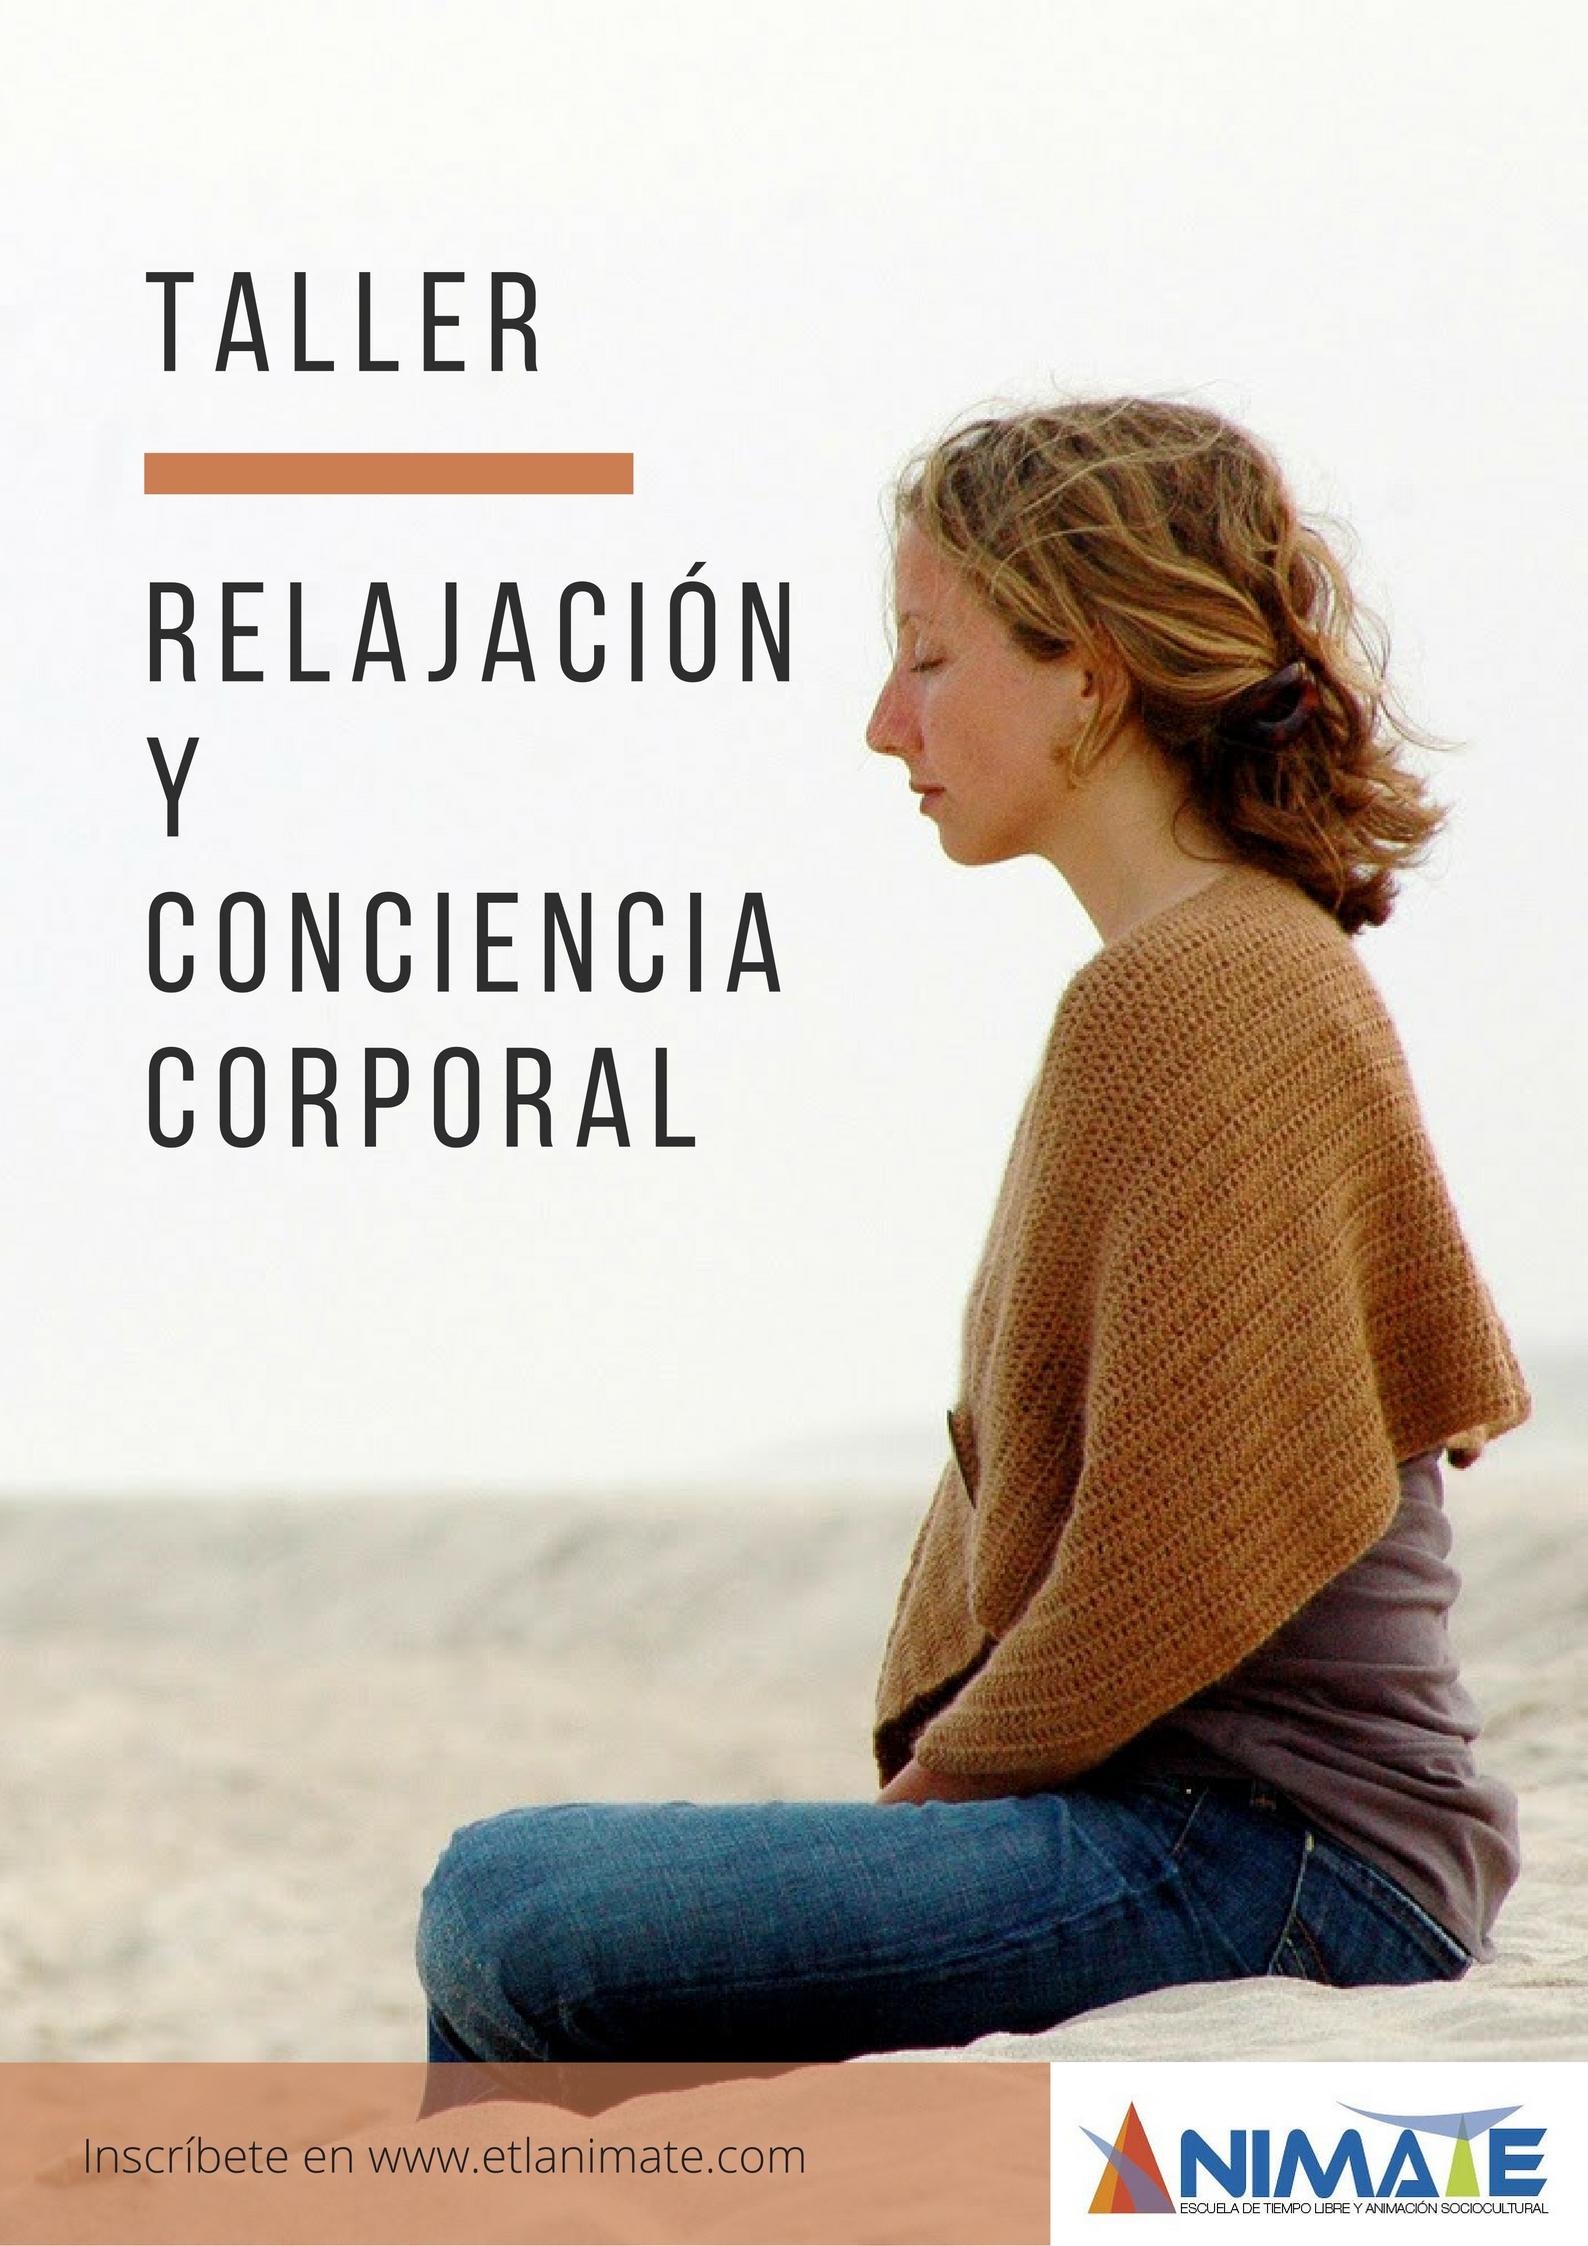 taller-de-relajacion-y-conciencia-corporal